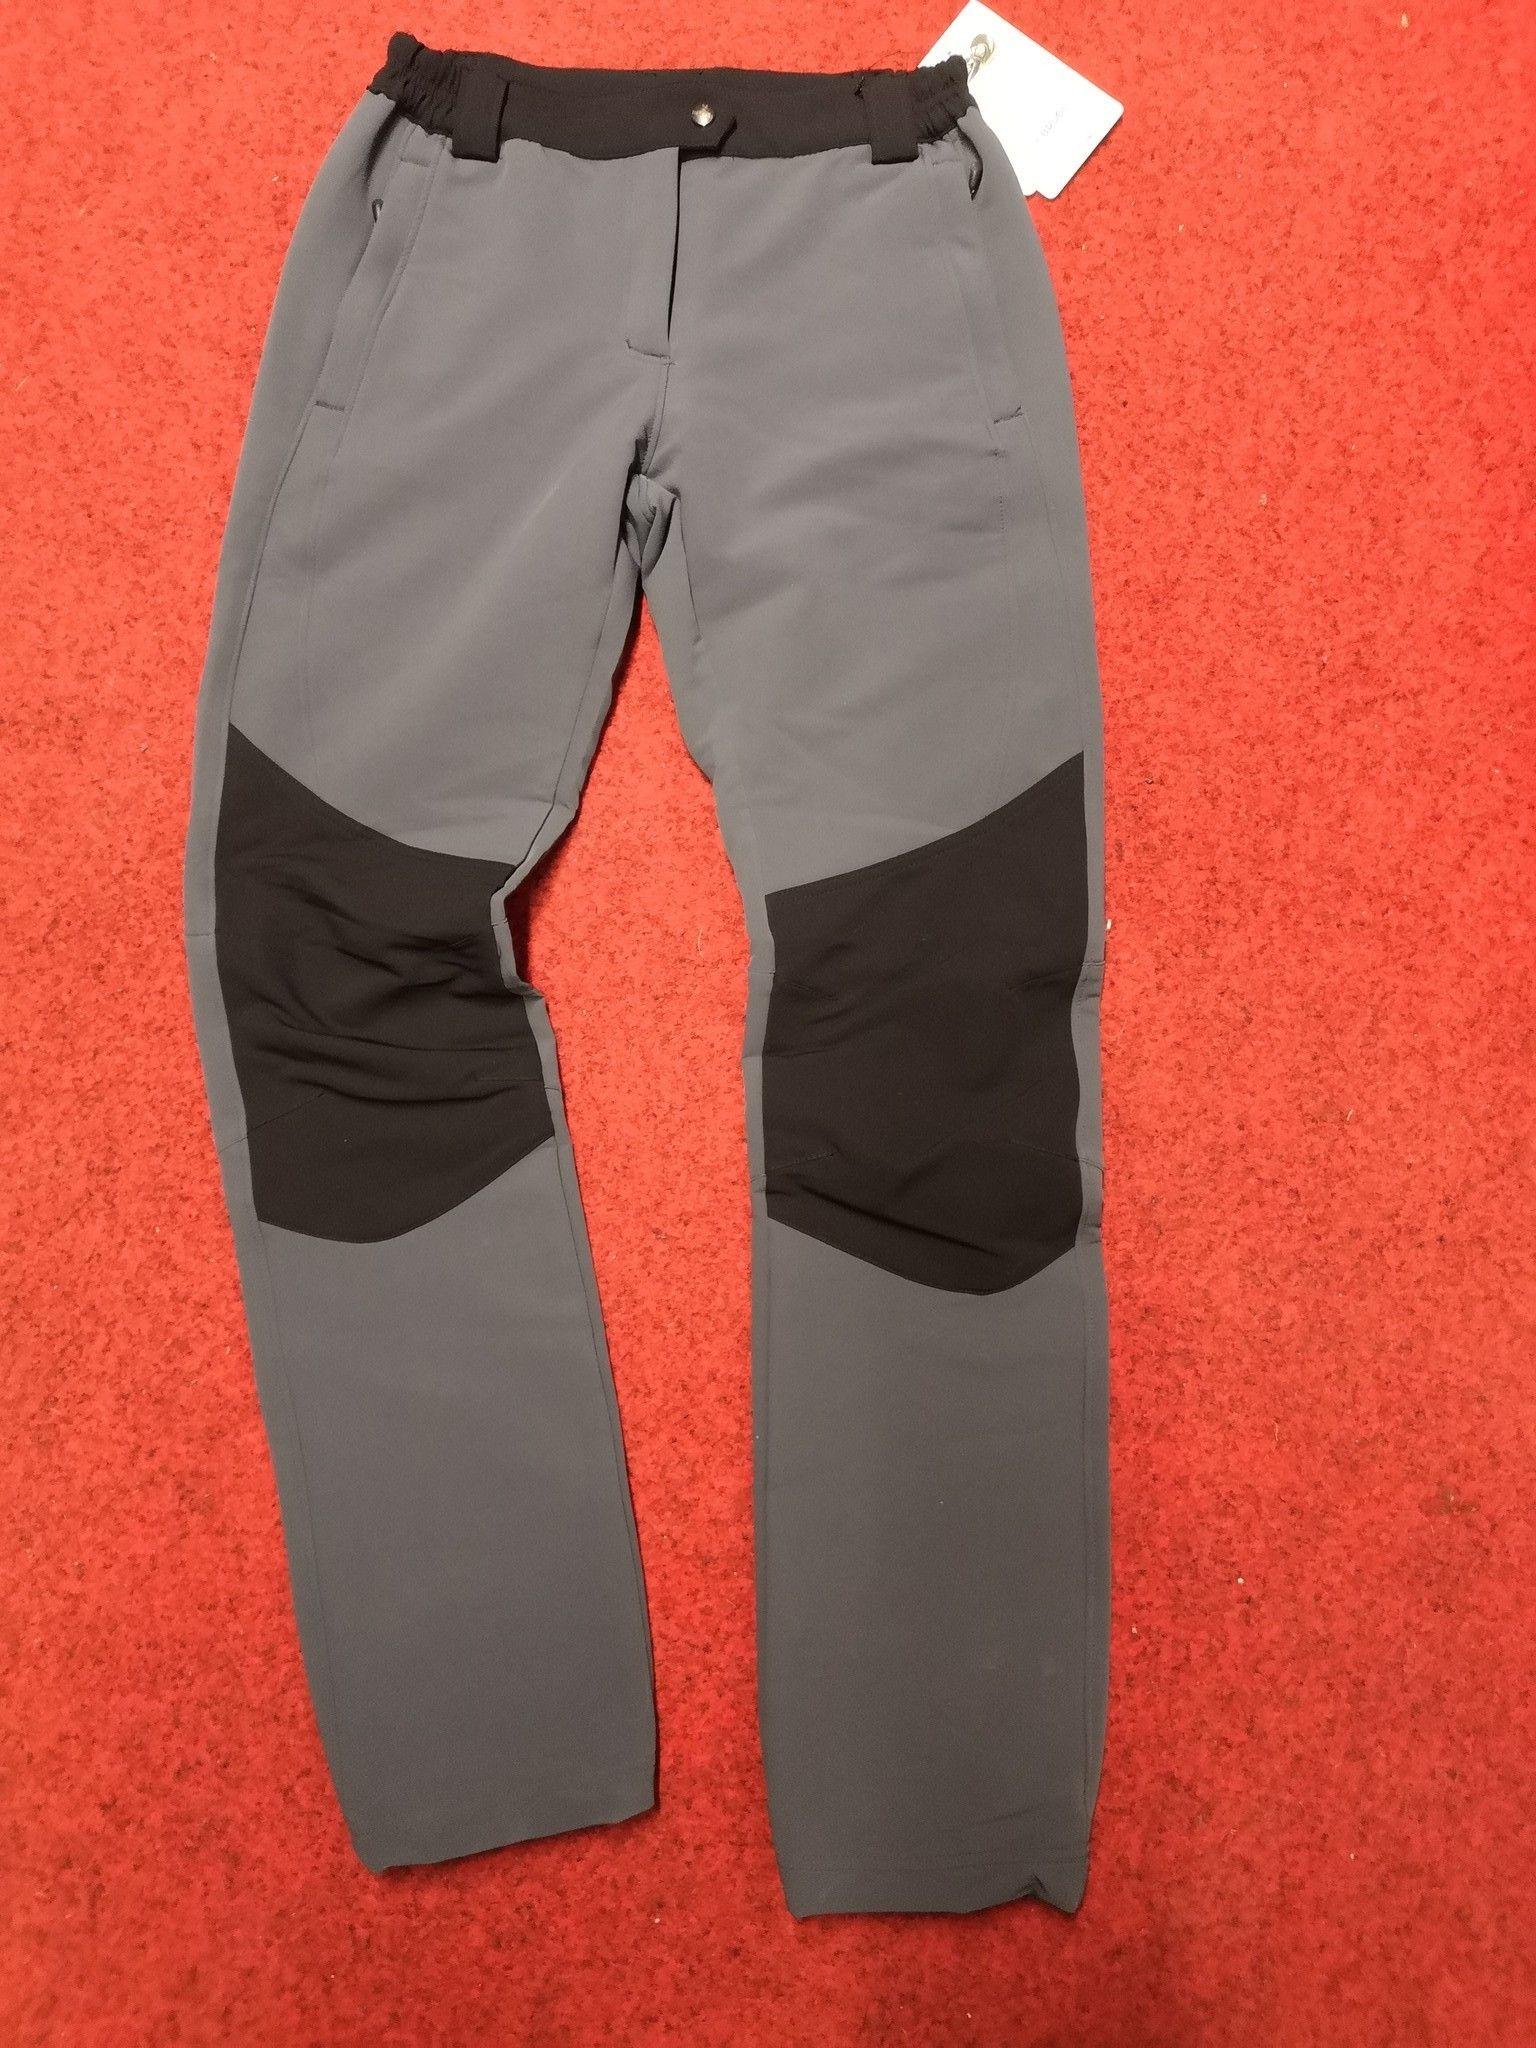 ad77f1e90d -15% PANTALONI DONNA OUTDOOR BRUGI | Abbigliamento Donna Pantaloni | Shop  Online: Forchini di tutto di più